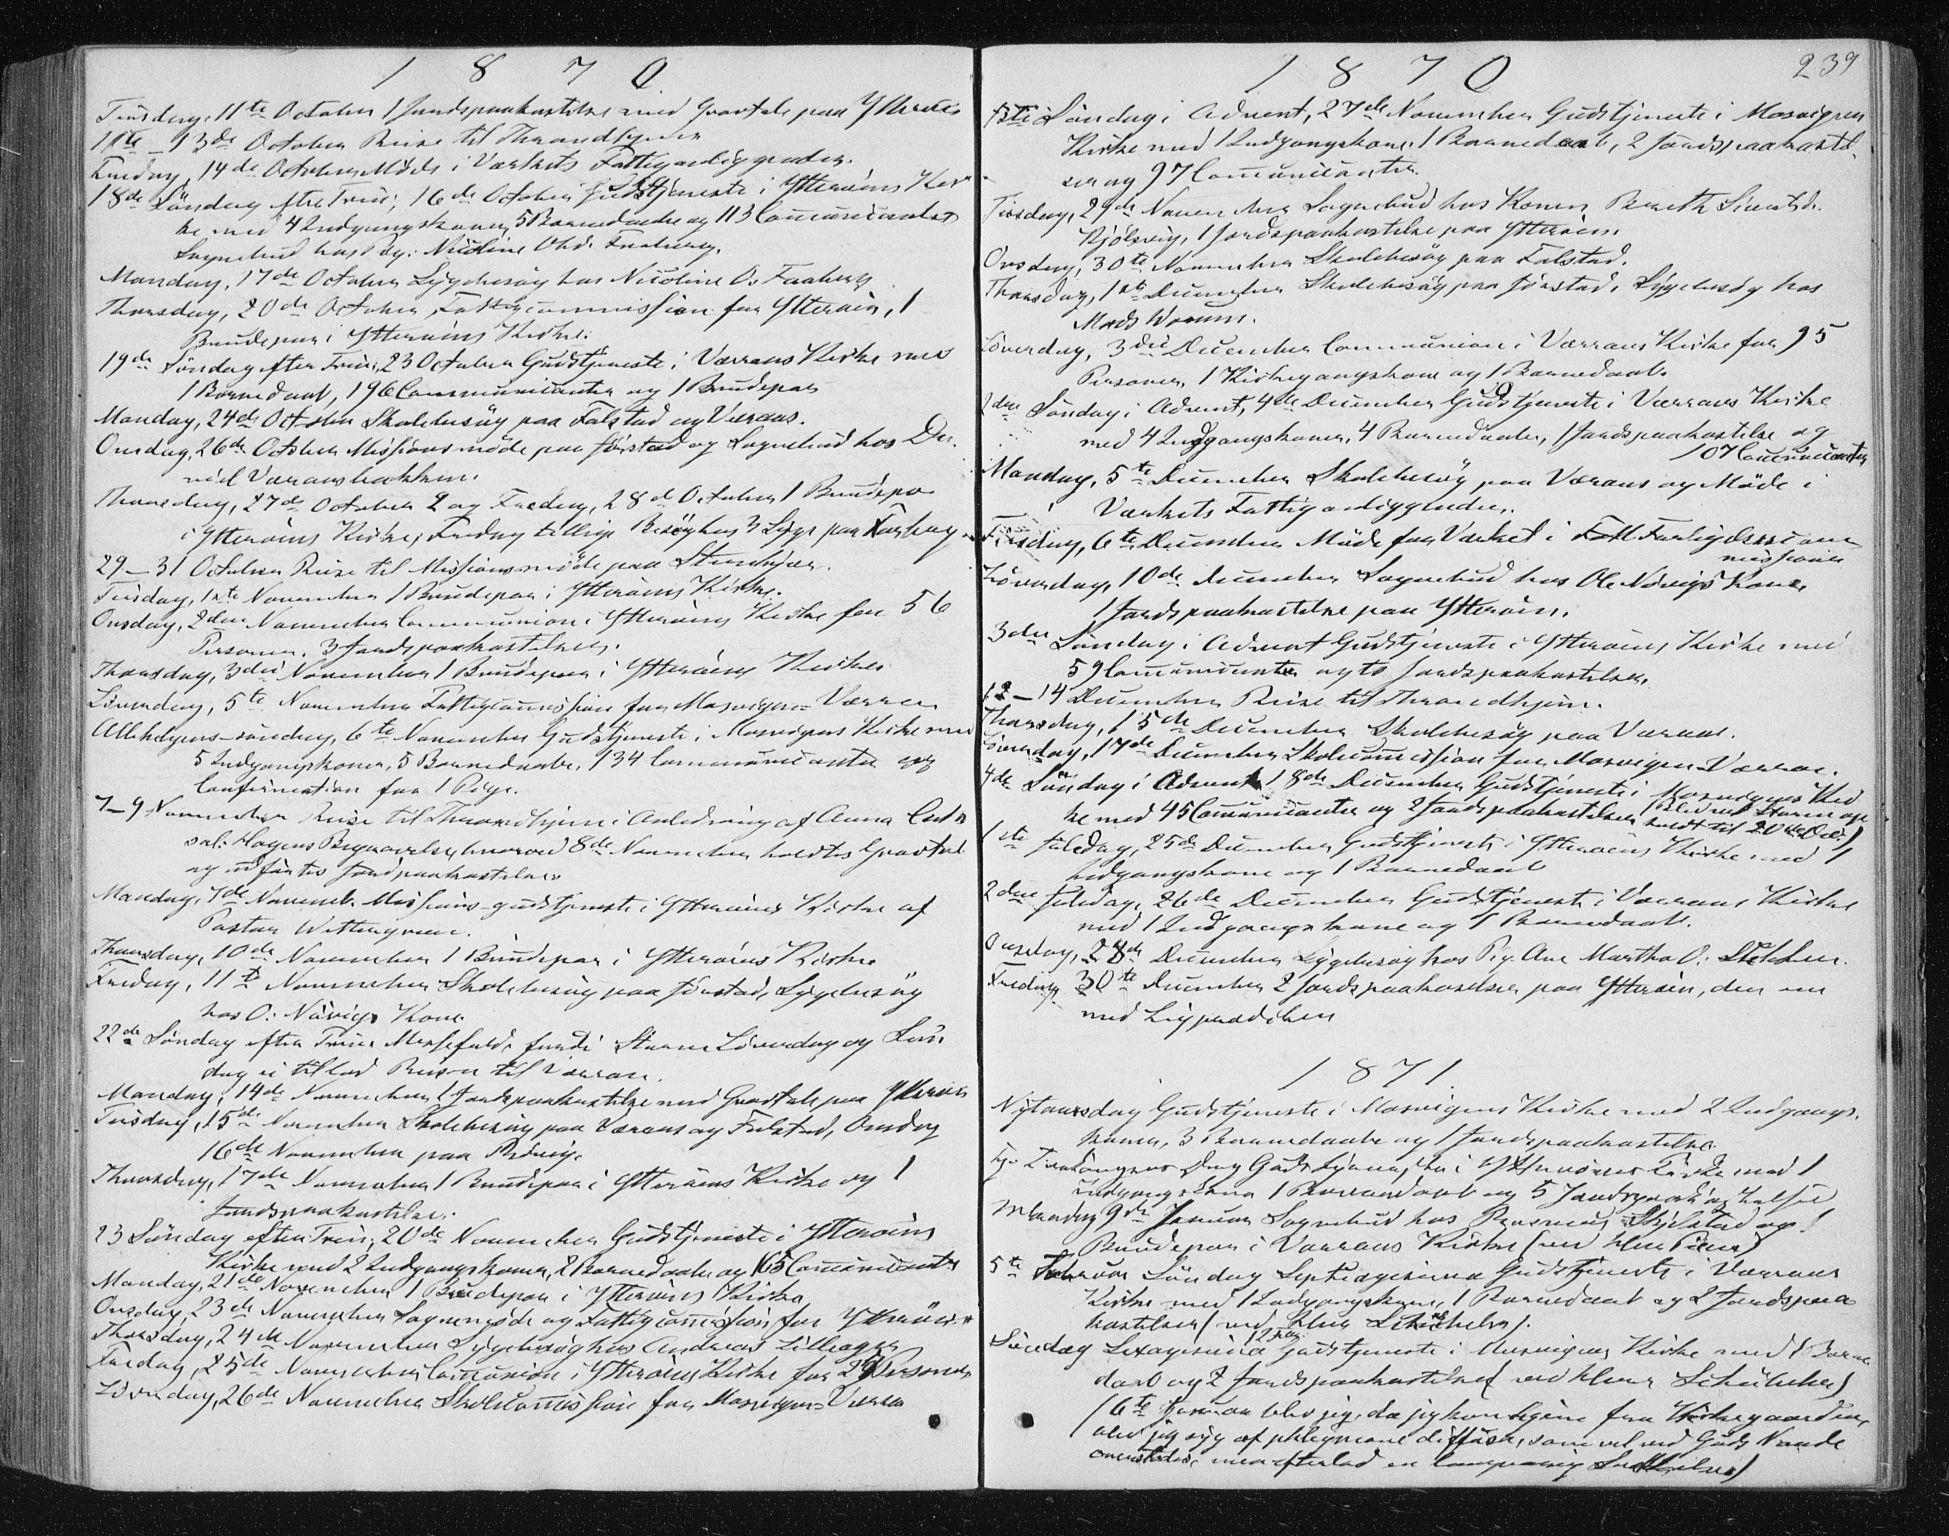 SAT, Ministerialprotokoller, klokkerbøker og fødselsregistre - Nord-Trøndelag, 722/L0219: Ministerialbok nr. 722A06, 1868-1880, s. 239